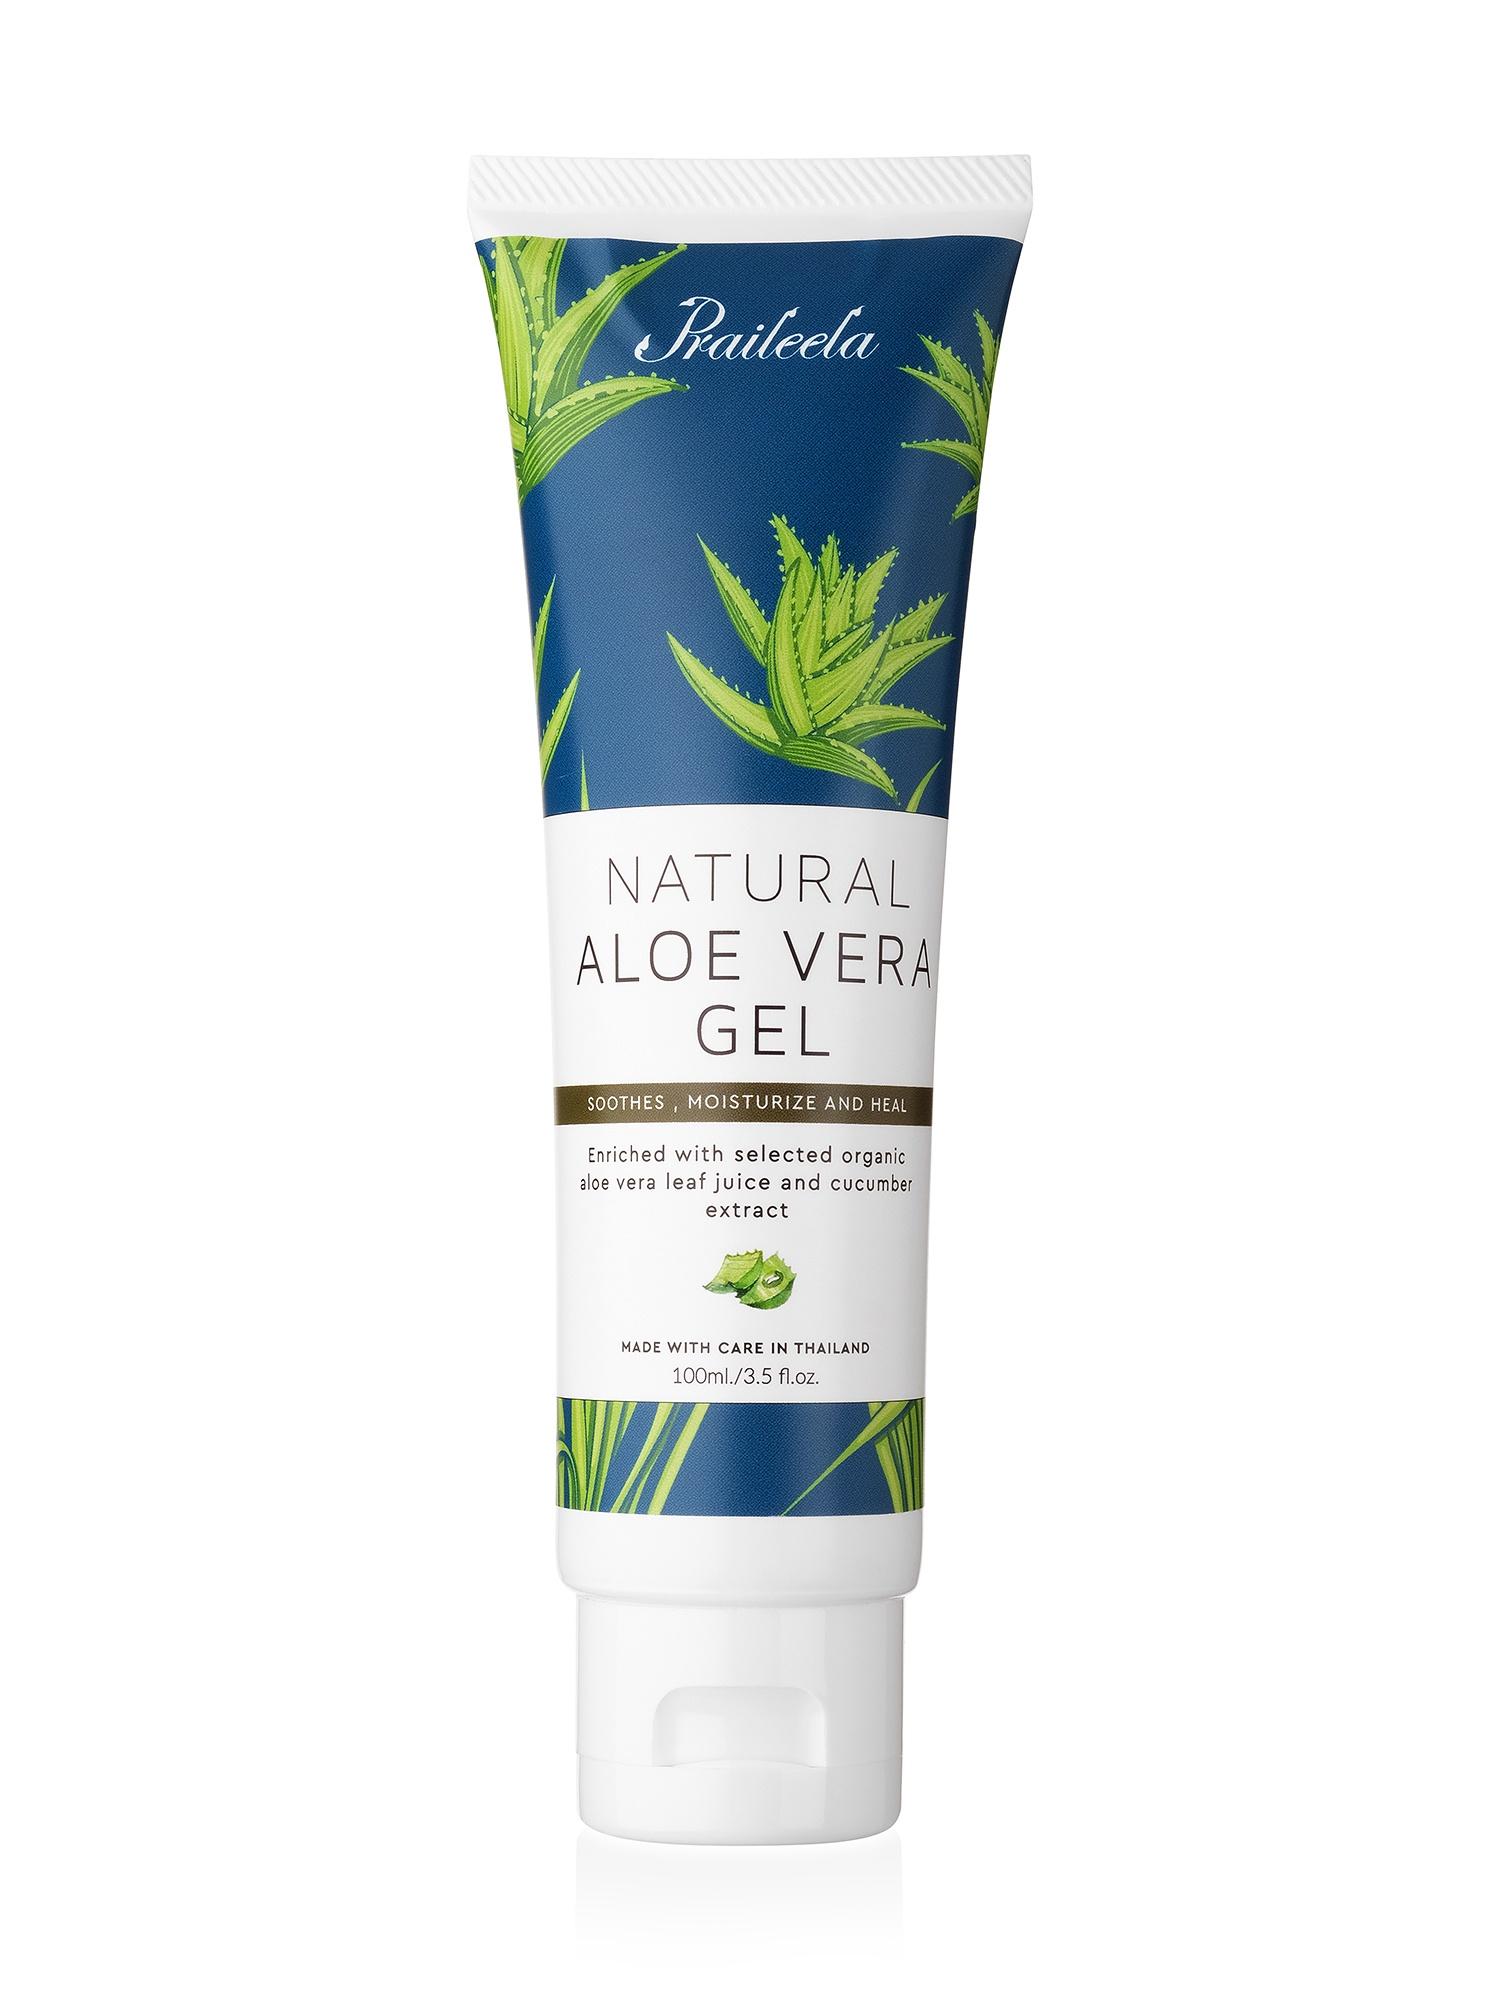 Многофункциональный гель для тела с алоэ вера Praileela Natural Aloe Vera Gel, 100 мл Praileela